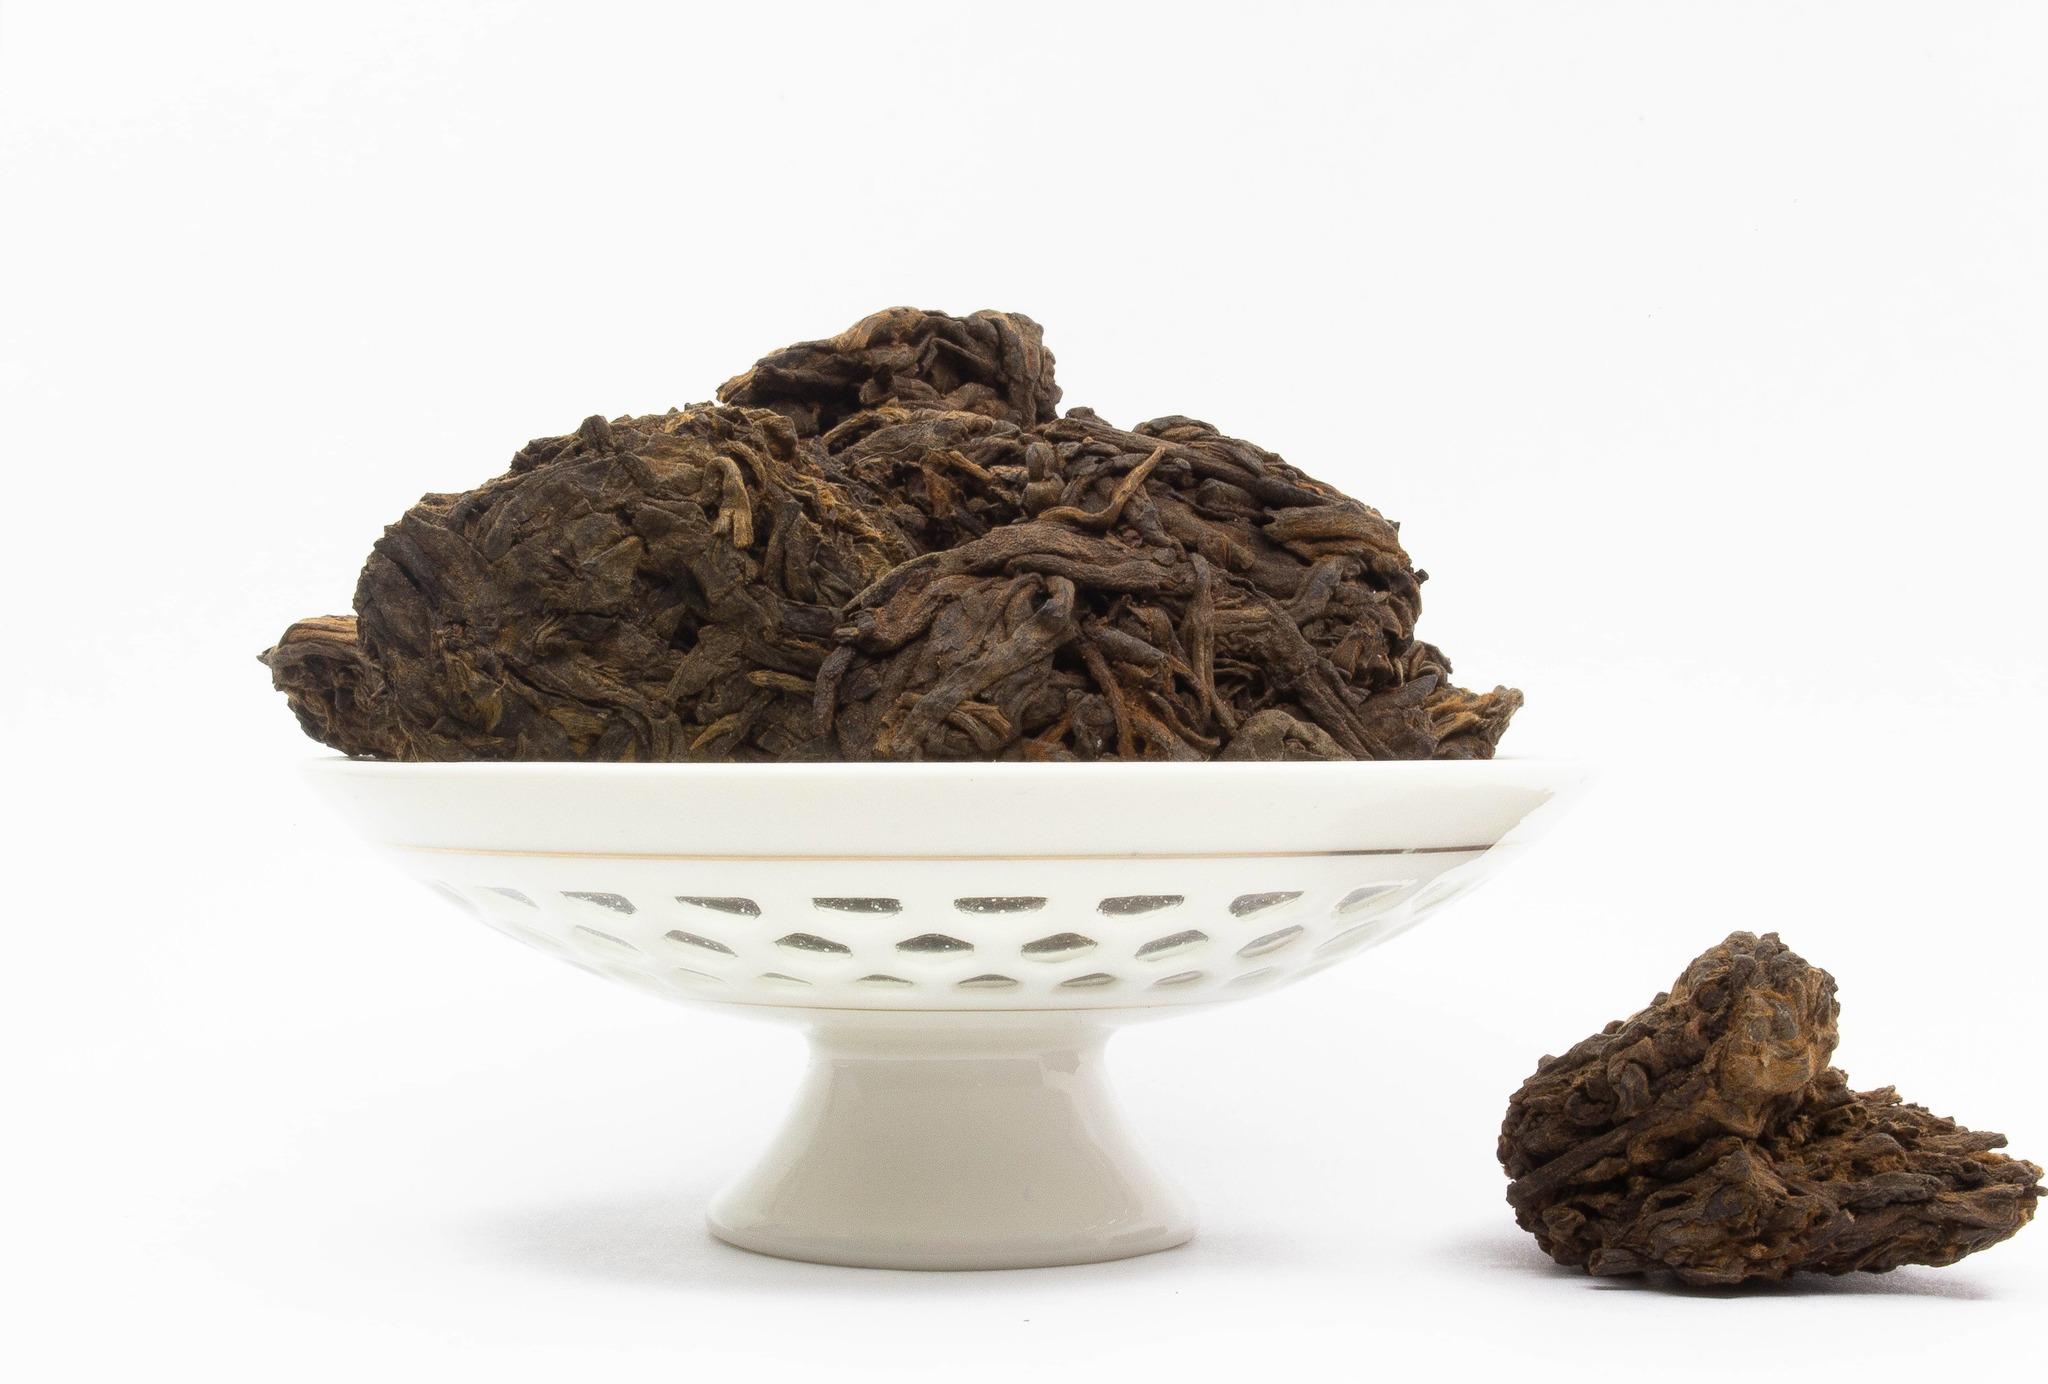 Черный чай Старые Чайные Головы, Менхай, 2002 год IMG_1750-2-min.jpg